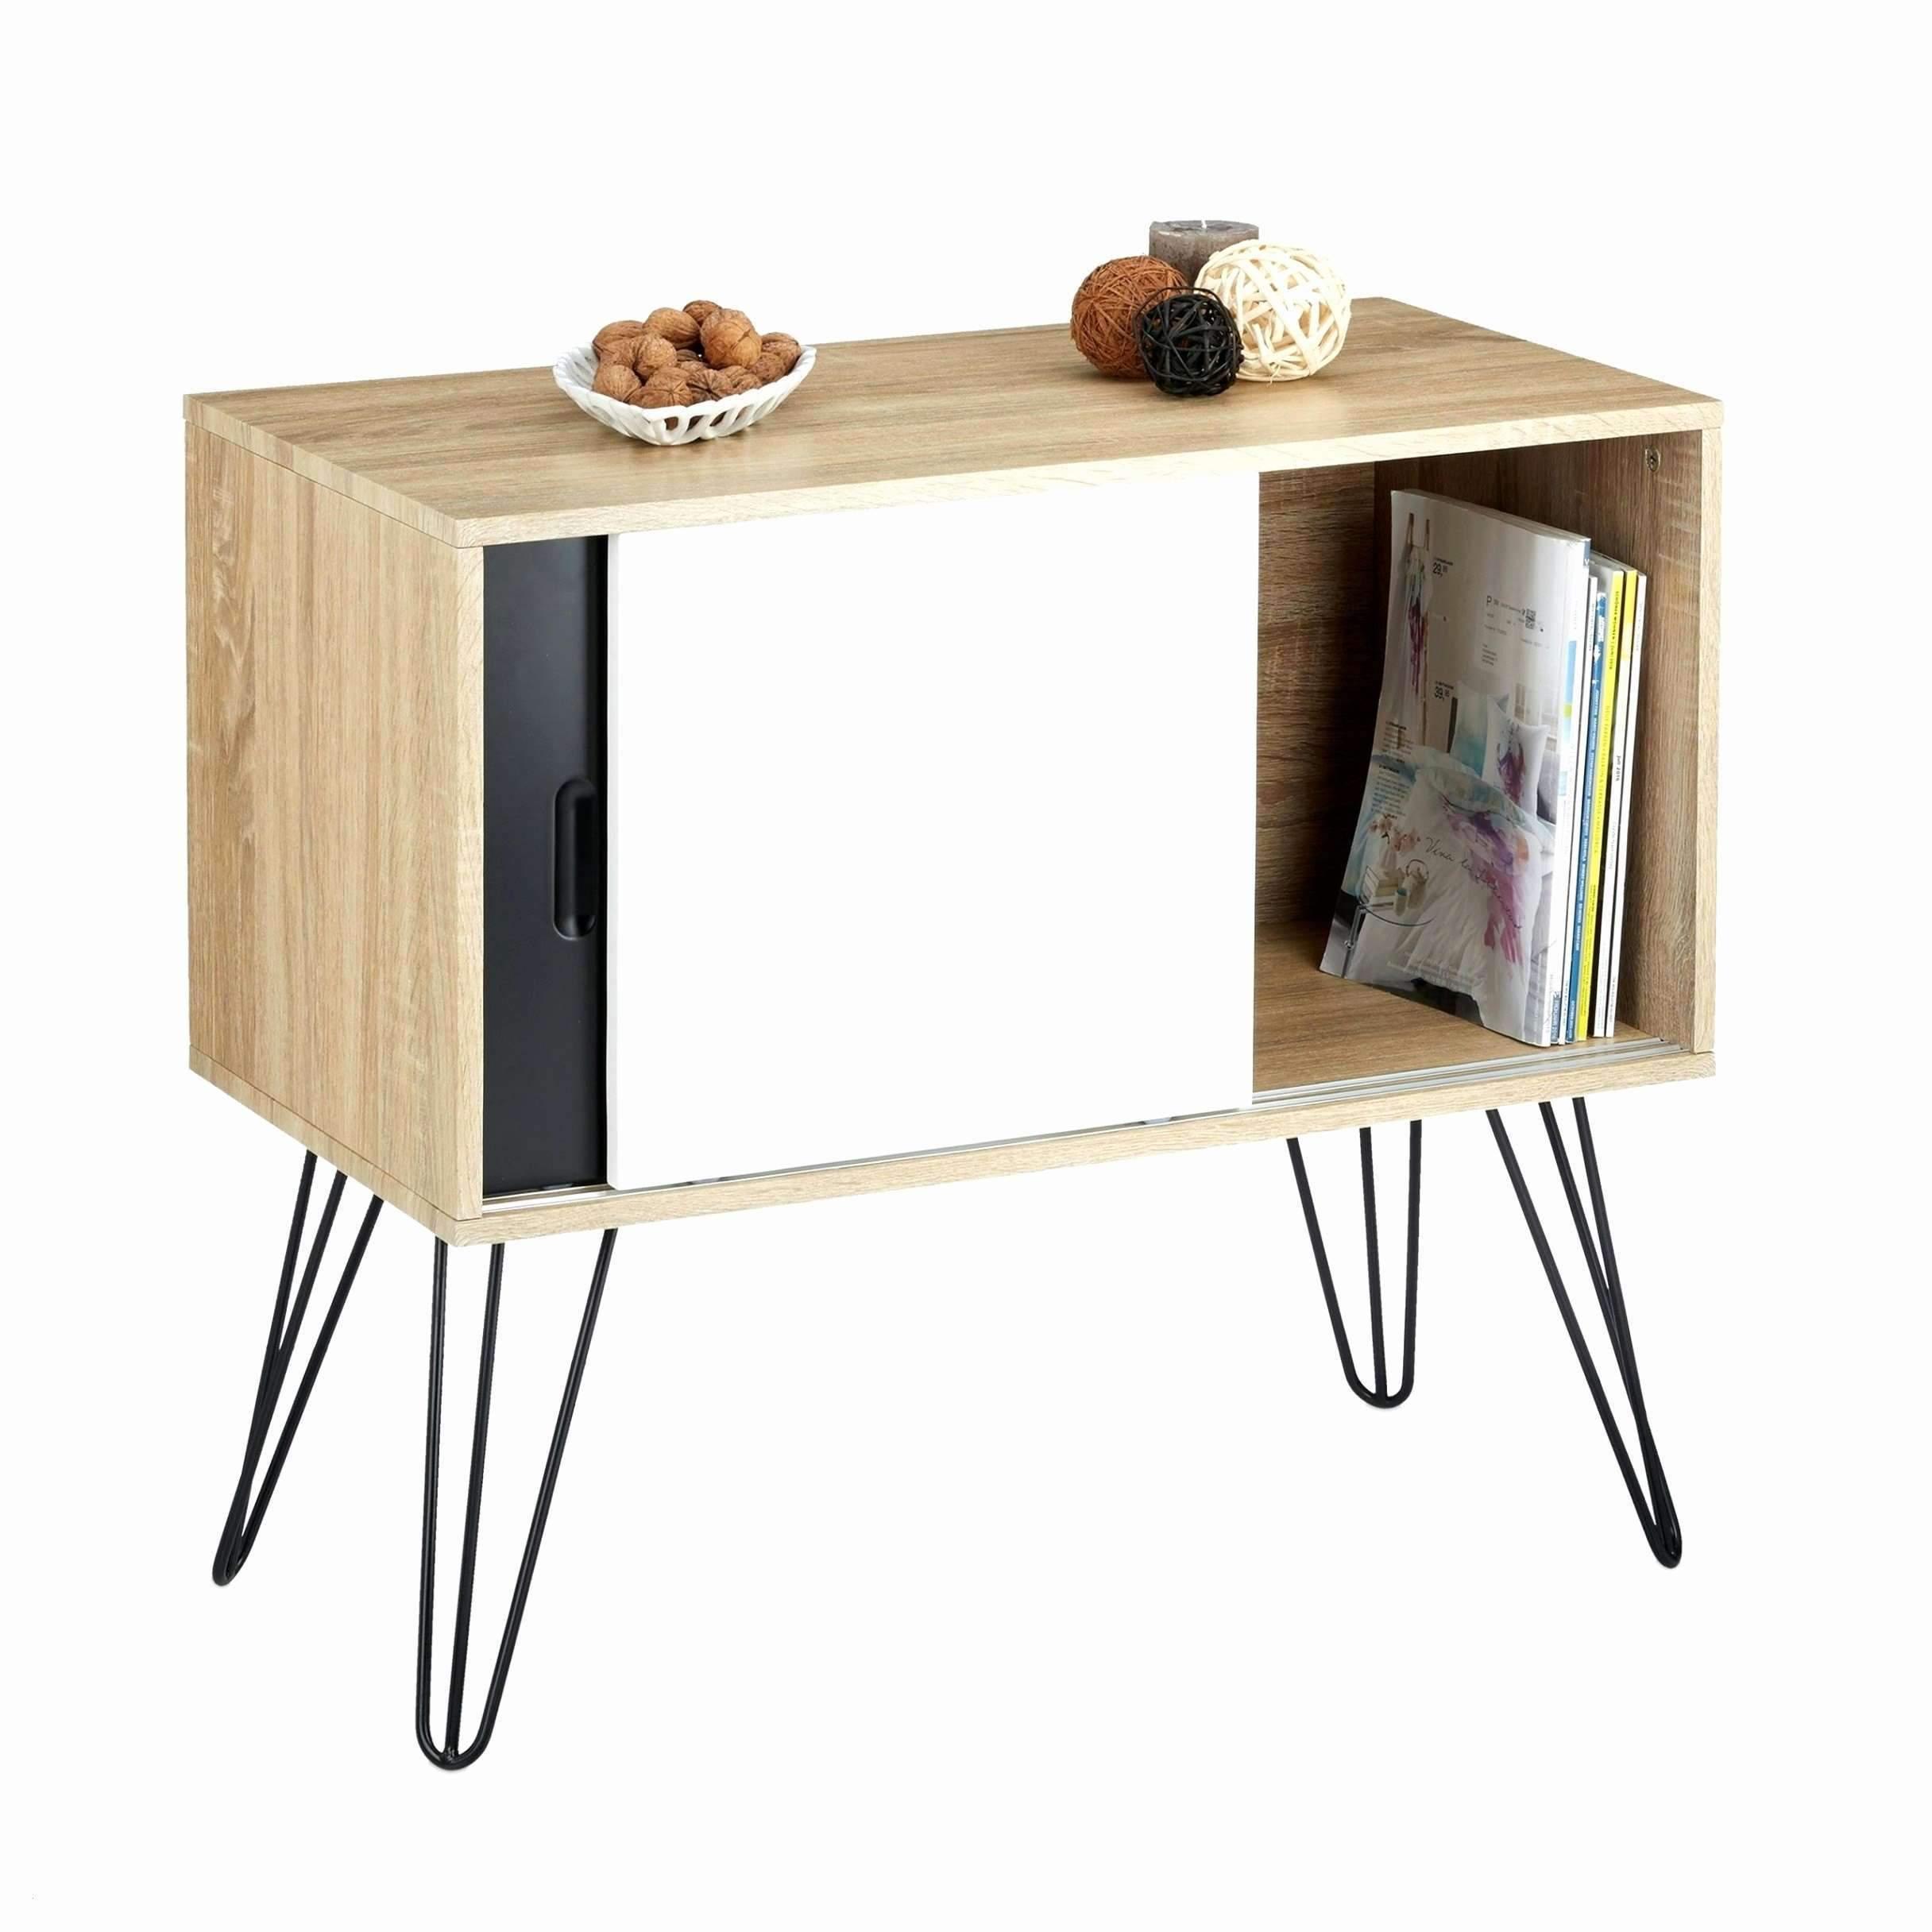 wohnzimmer sideboard frisch kommode wohnzimmer frisch garten sideboard inspirierend of wohnzimmer sideboard